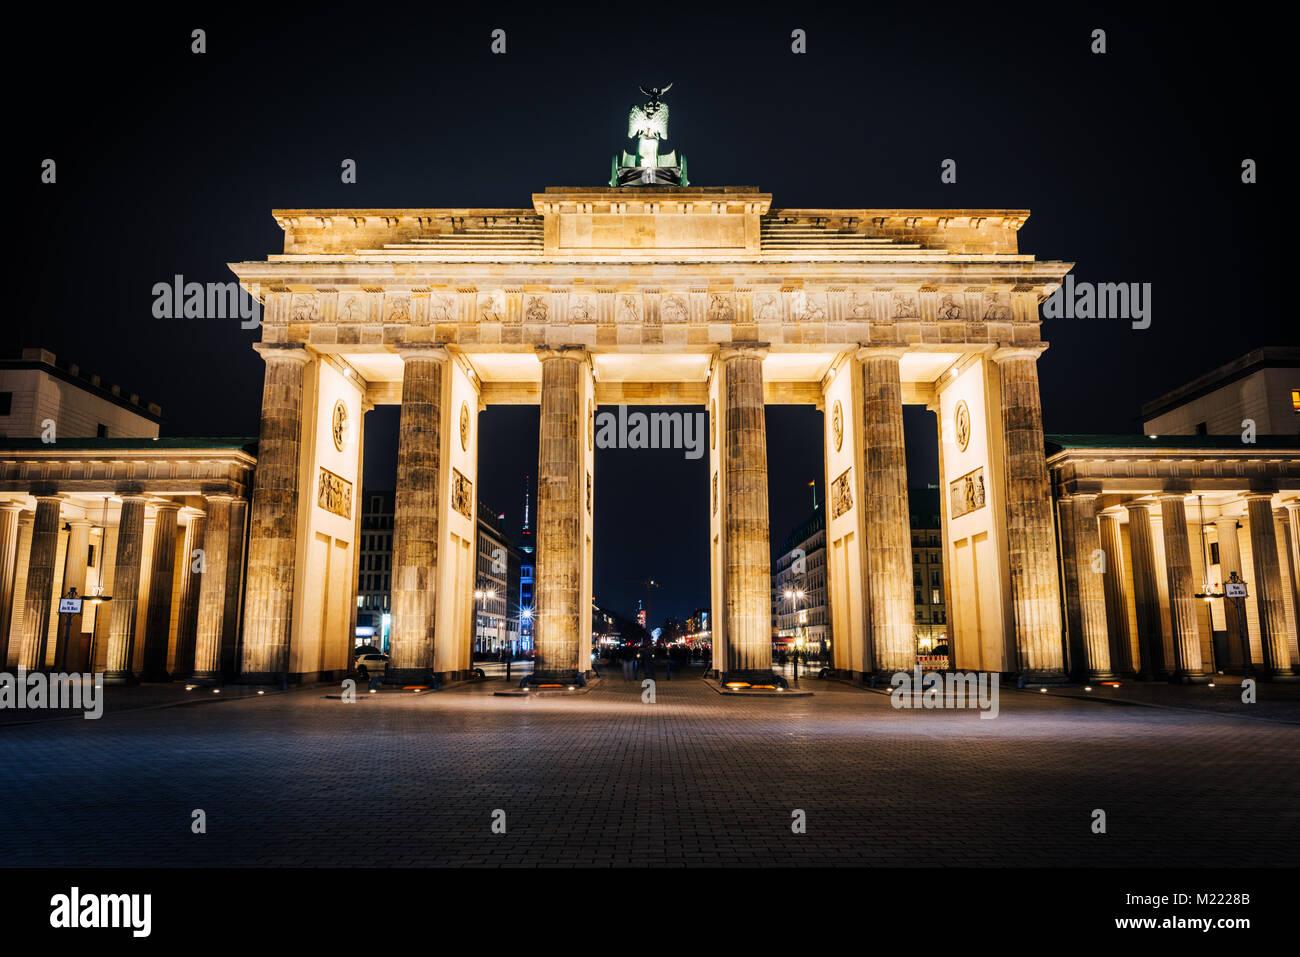 La porte de Brandebourg dans la nuit. La destination la plus célèbre à Berlin Photo Stock